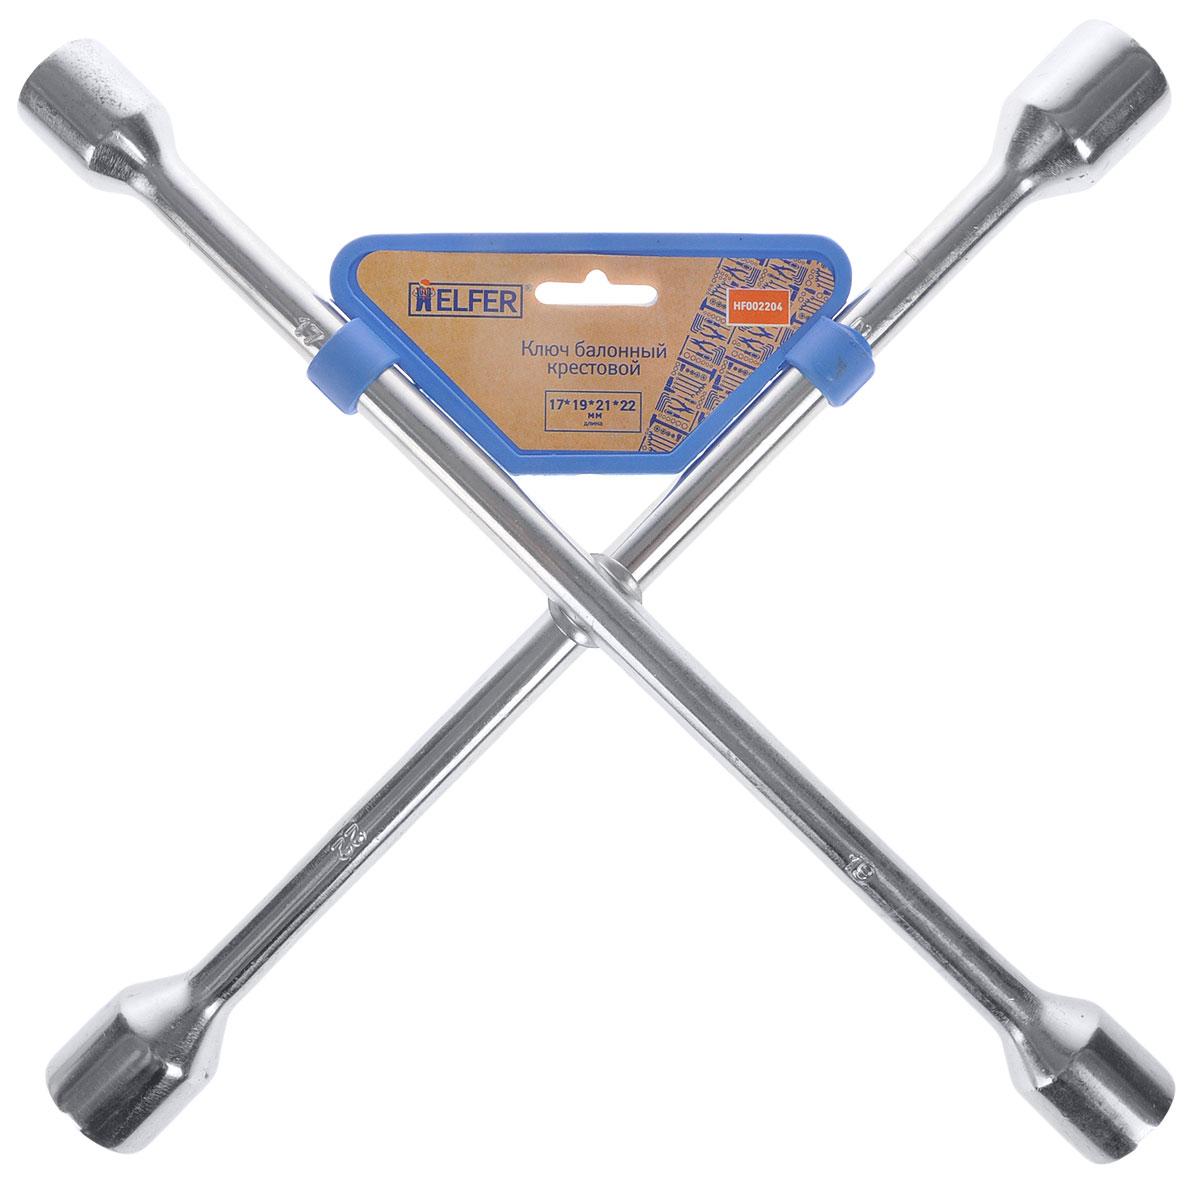 Ключ баллонный крестовой Helfer, 17мм, 19 мм, 21 мм, 22 мм98295719Баллонный крестовой ключ Helfer применяется для монтажа и демонтажа автомобильных колес. Такой инструмент является идеальным решением для использования в любых автосервисах. Данный ключ имеет четыре головки размерами 17 мм, 19 мм, 21 мм и 22 мм. Ключ выполнен из высококачественной стали.